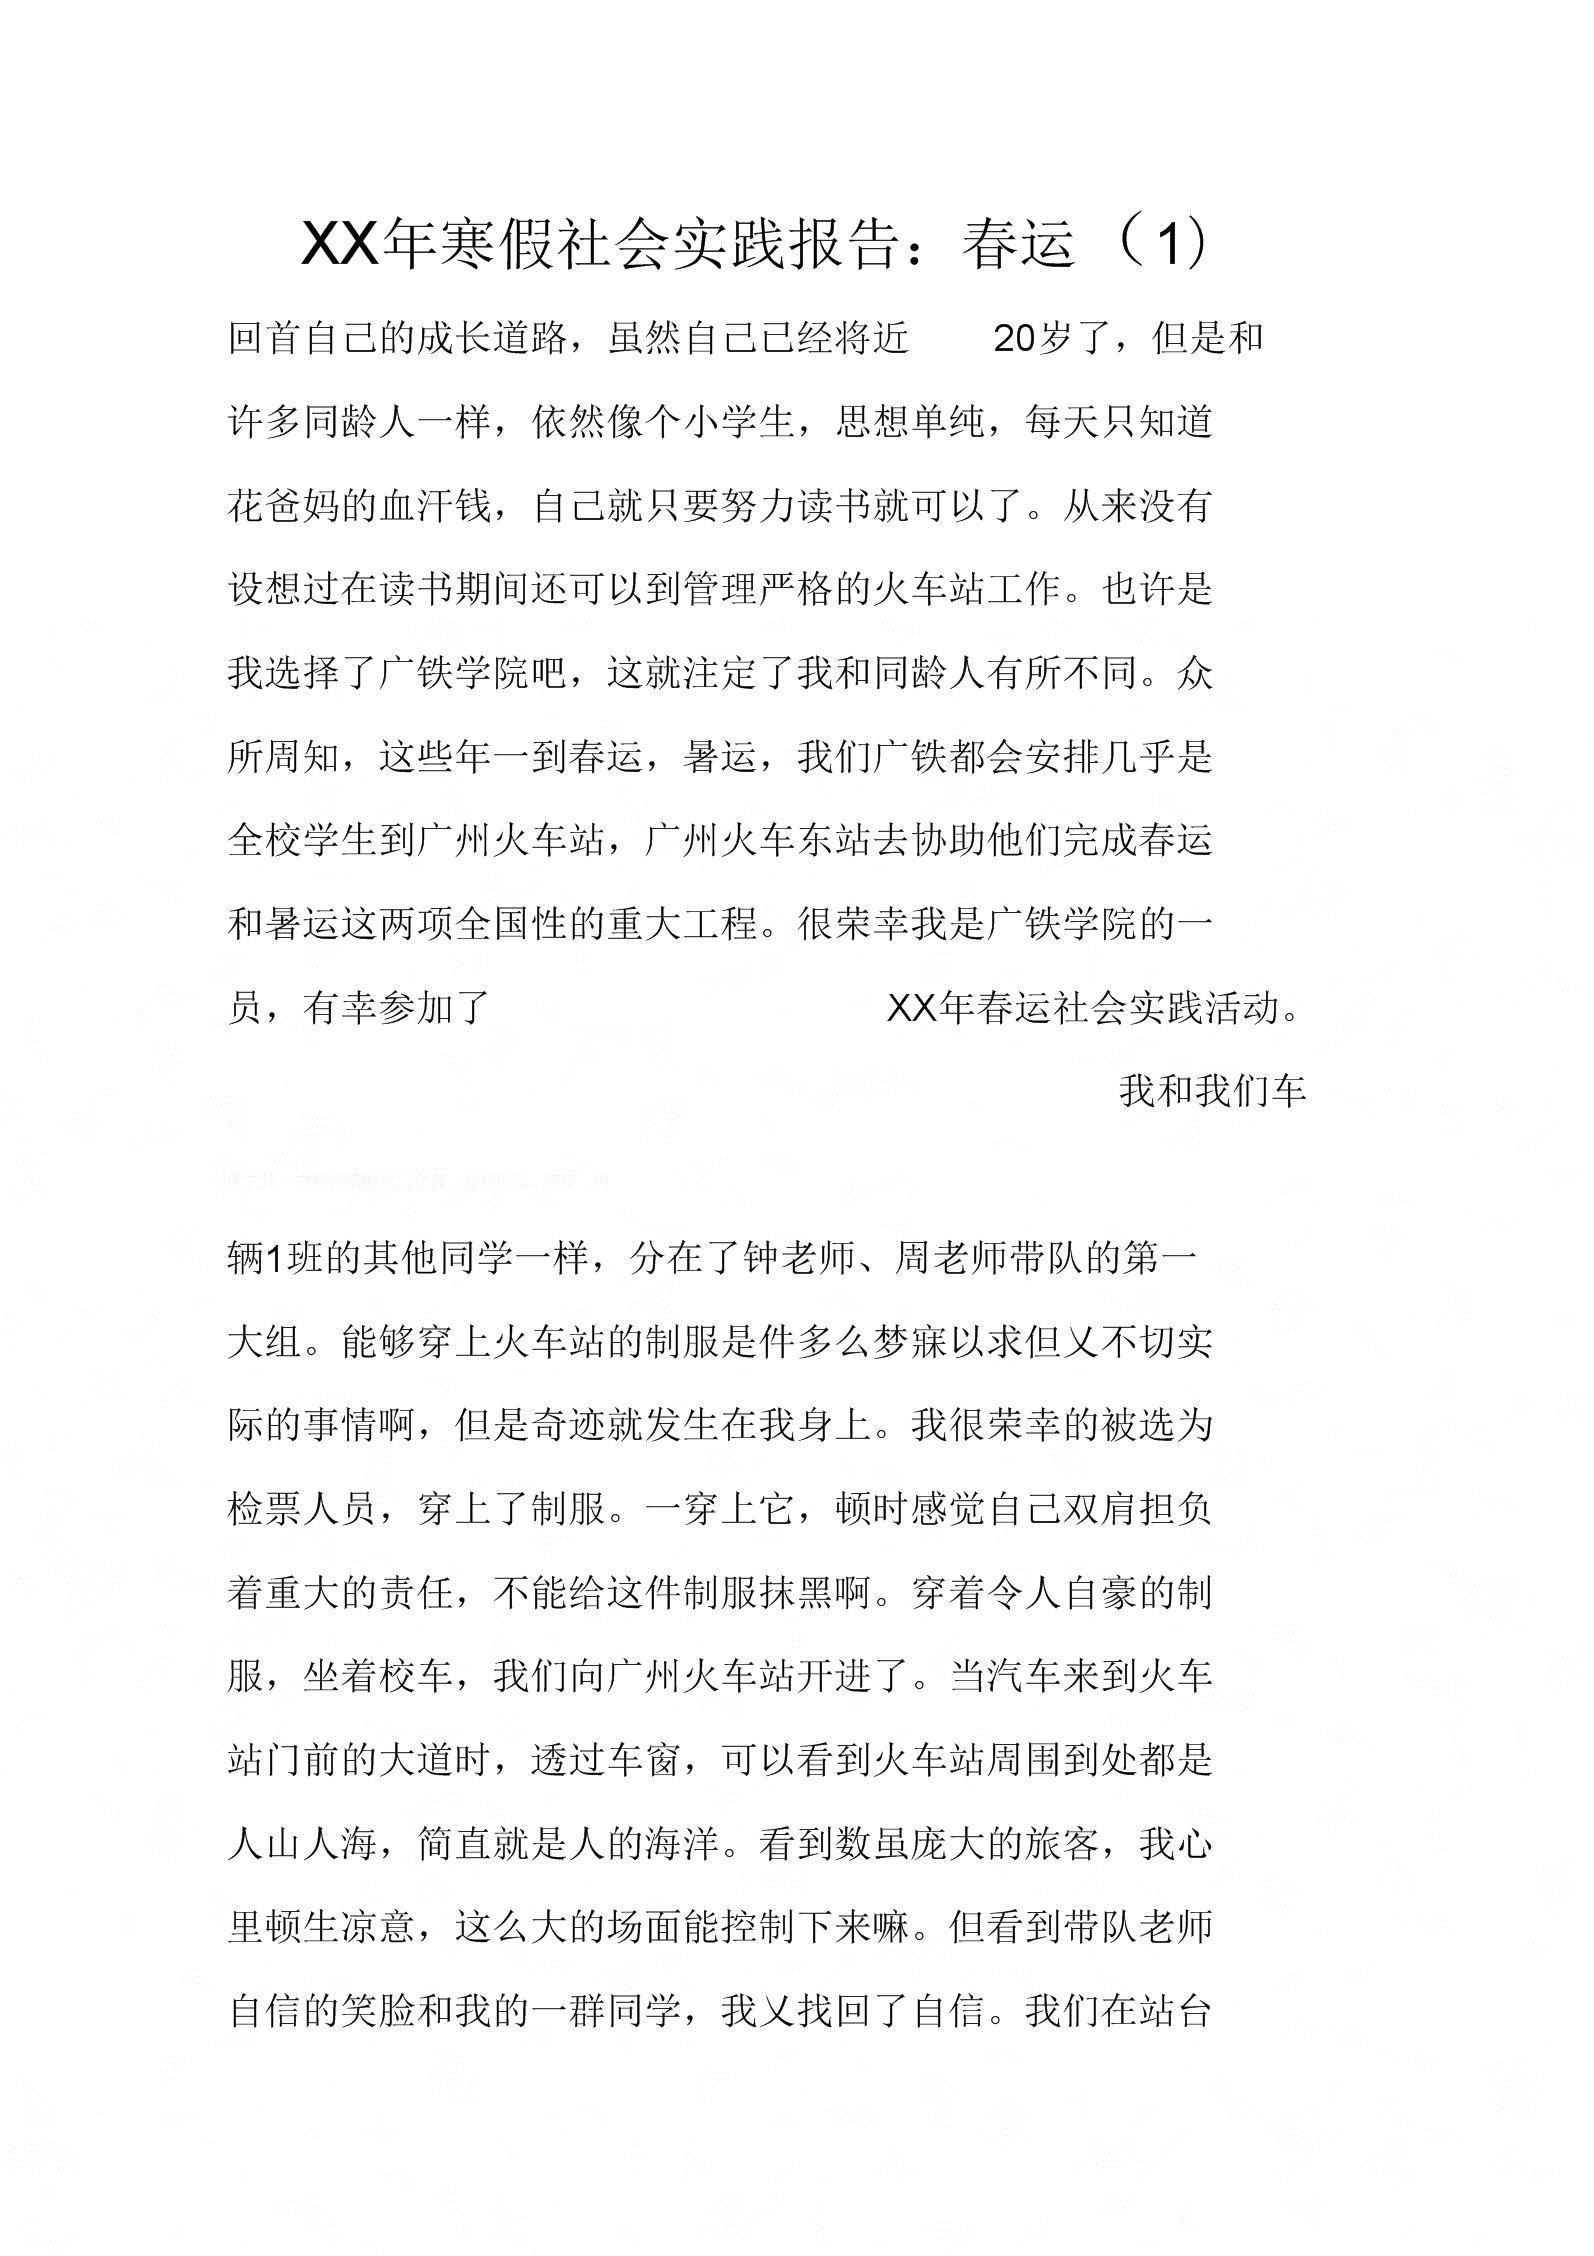 寒假社会实践报告:春运(1).docx